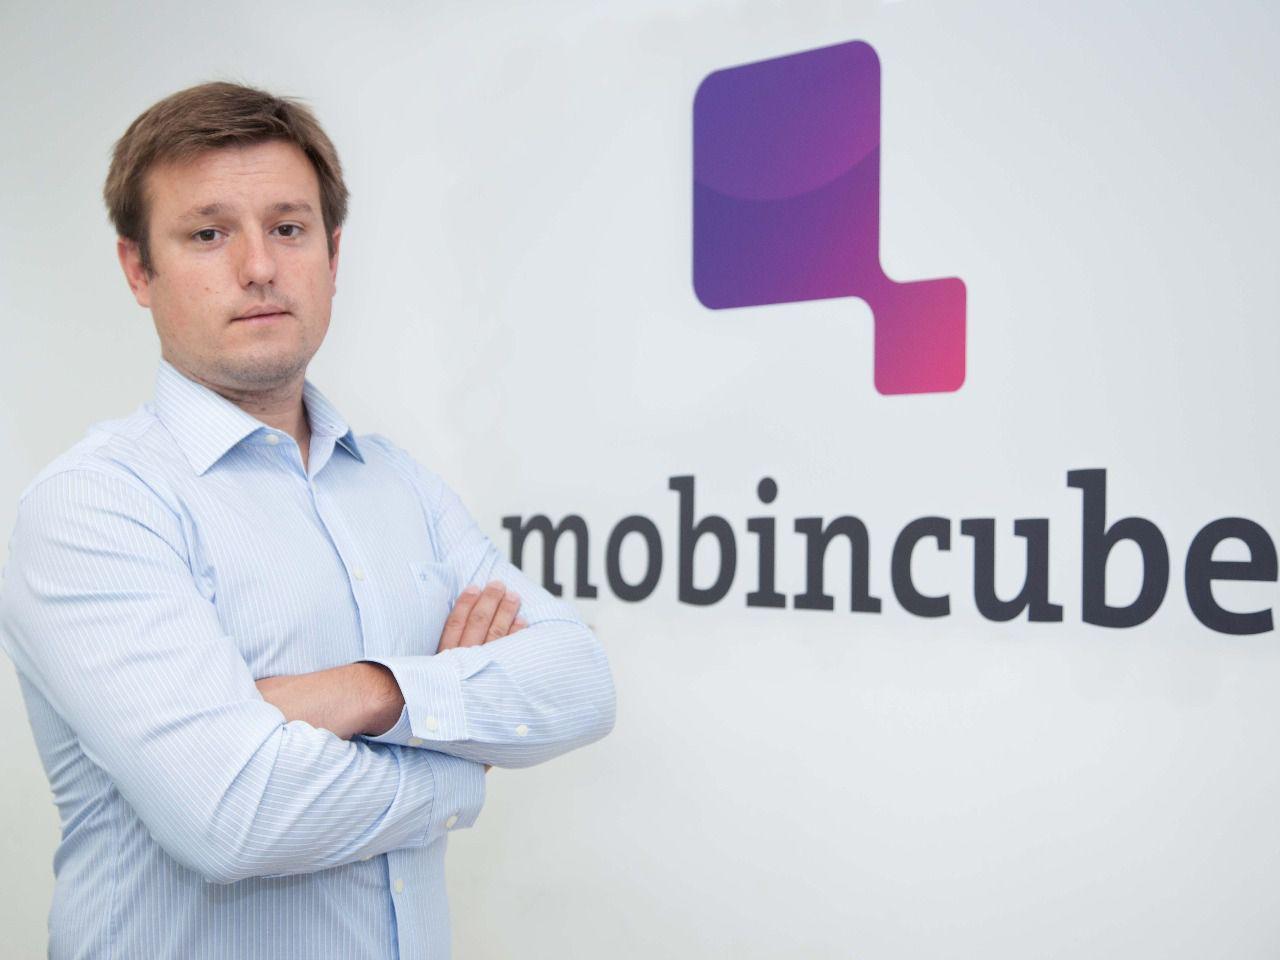 La startup española Mobincube se alía con la compañía de Silicon Valley Moback